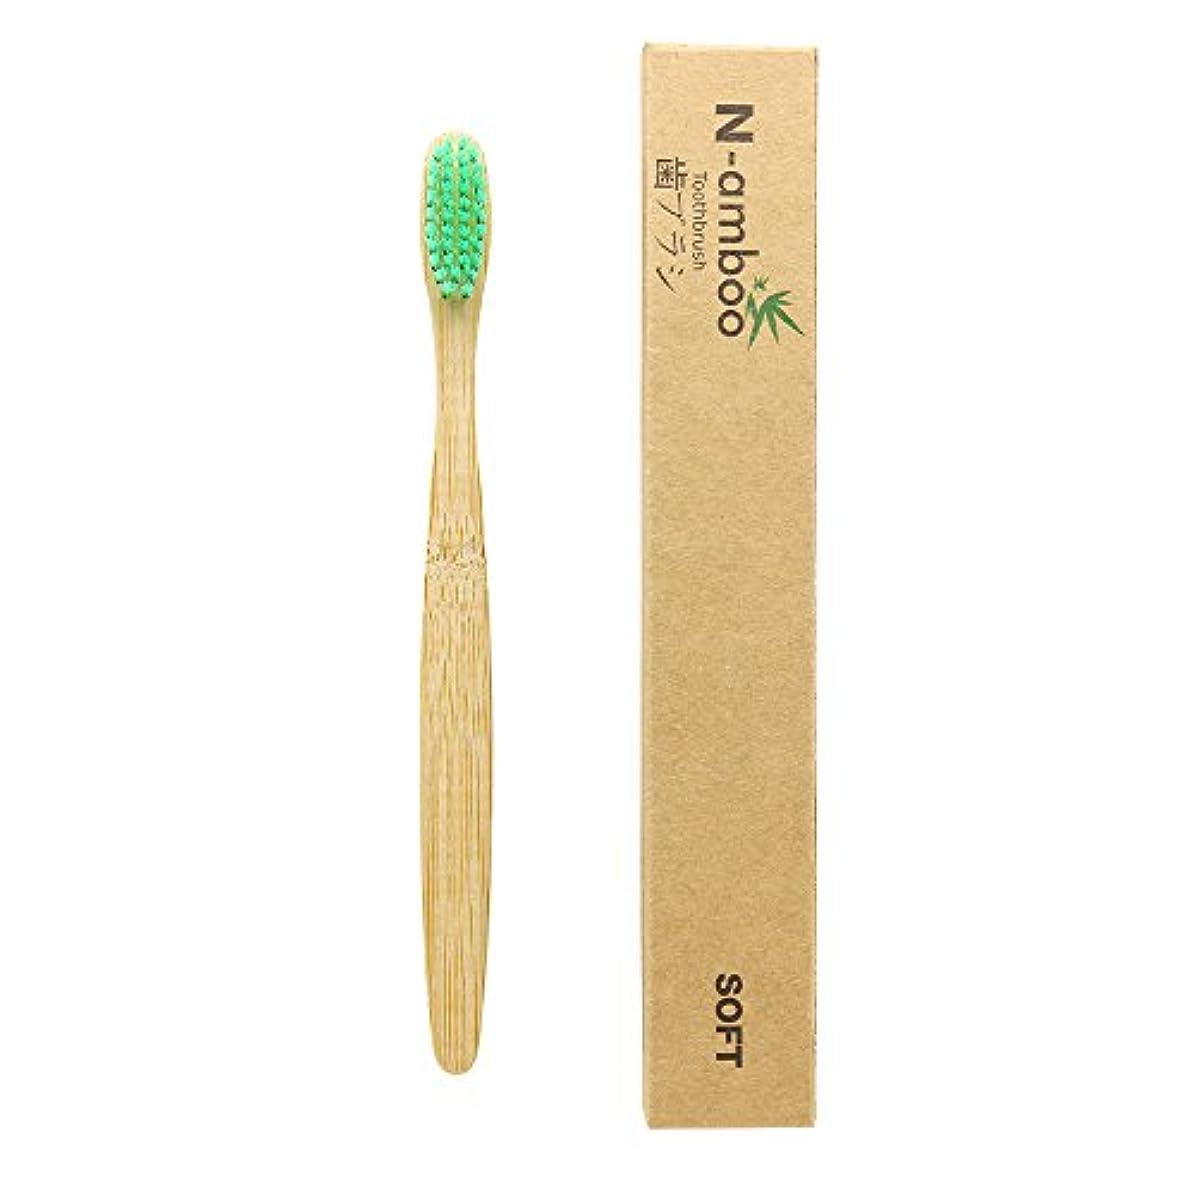 スイ注入蓋N-amboo 歯ブラシ 1本入り 竹製 高耐久性 緑 エコ